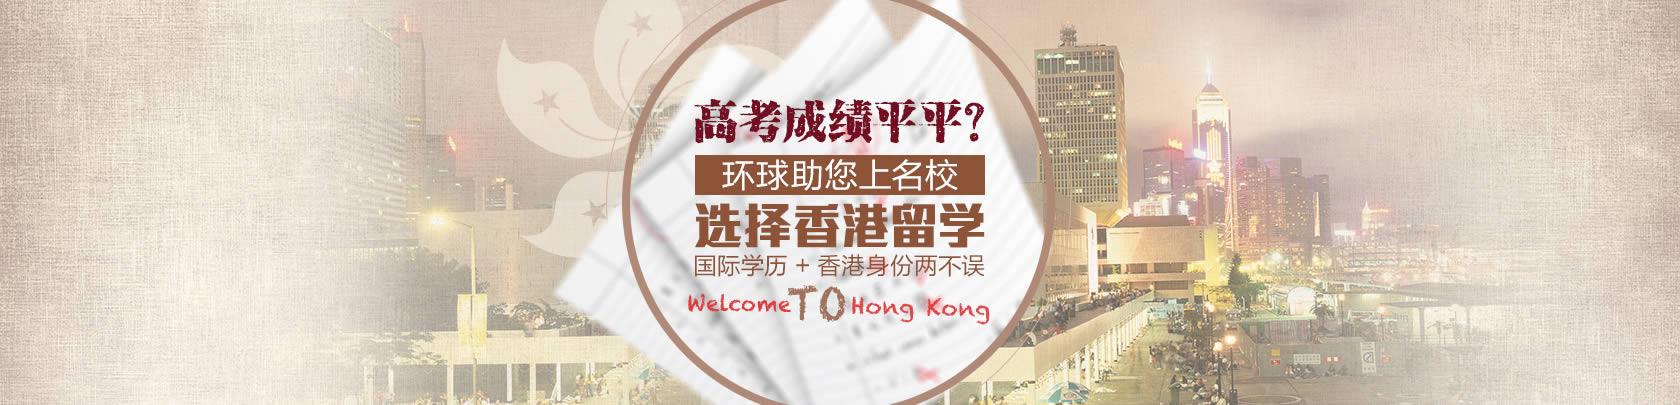 高考成绩平平,选香港副学士留学,环球出国助您上香港名校国际学历+香港身份两不误